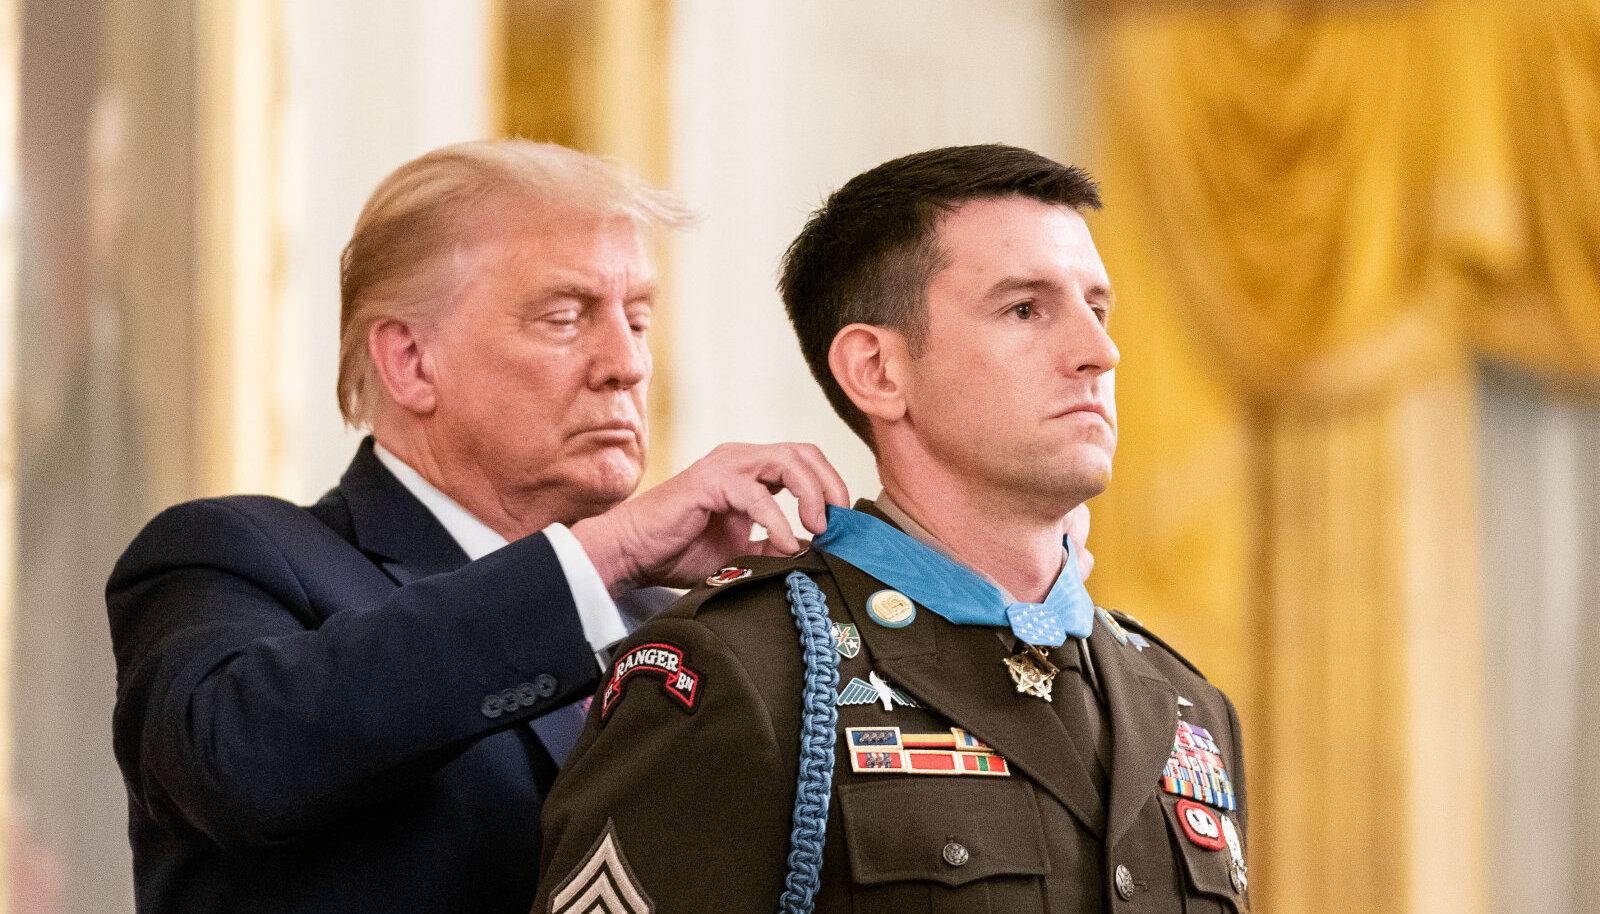 Дональд Трамп награждает американского солдата медалью за мужество